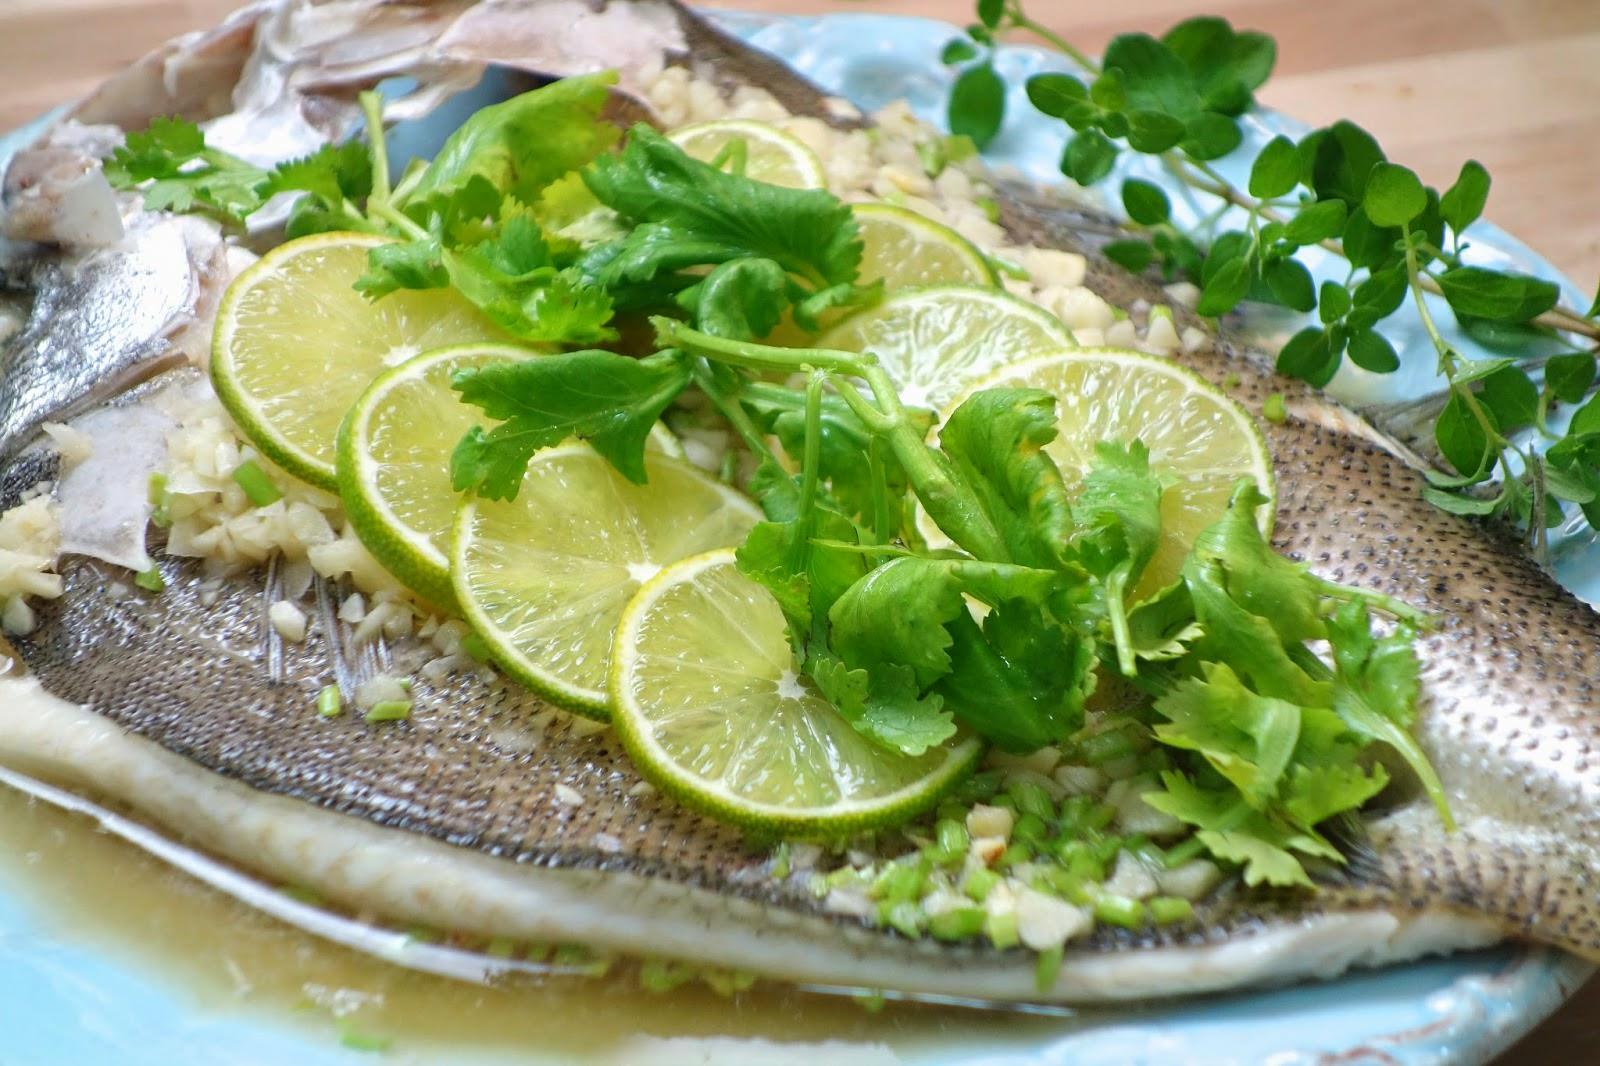 「蒸泰式檸檬魚需要注意什麼?」簡單無油煙教學,一指就能搞定晚餐!